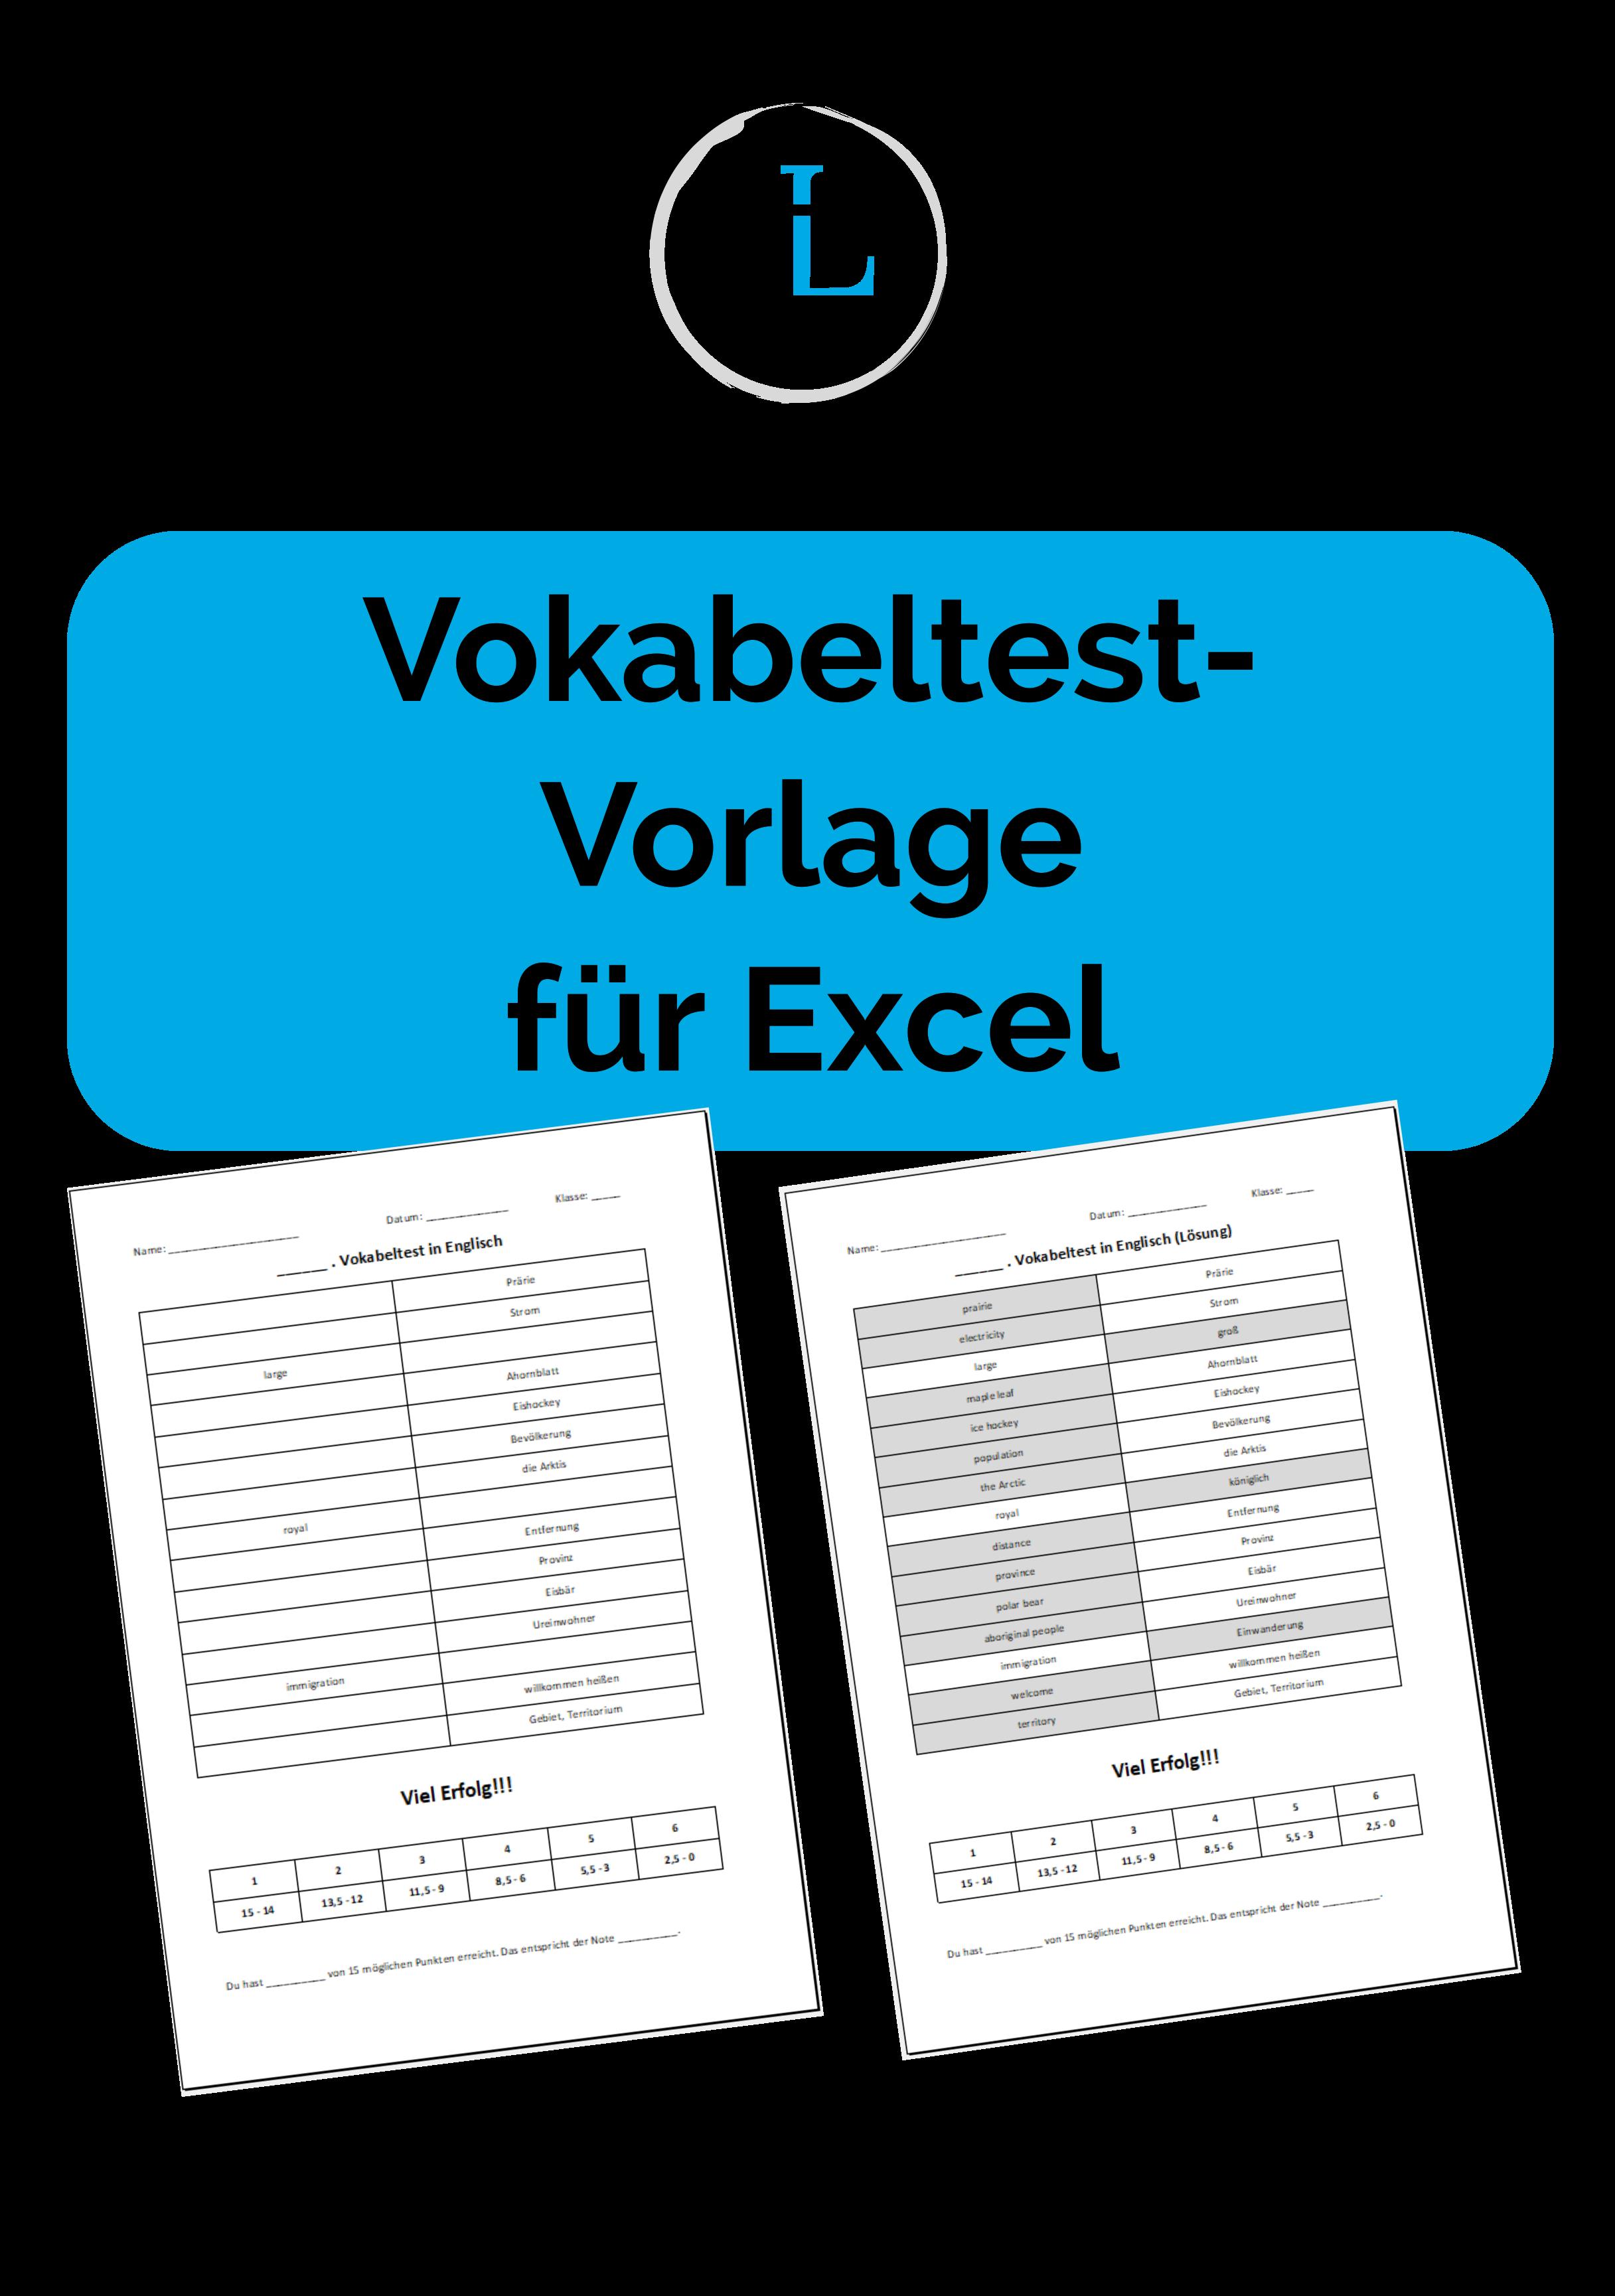 Vokabeltest Vorlage Fur Excel Unterrichtsmaterial Im Fach Fachubergreifendes Vokabeln Vorlagen Lehrer